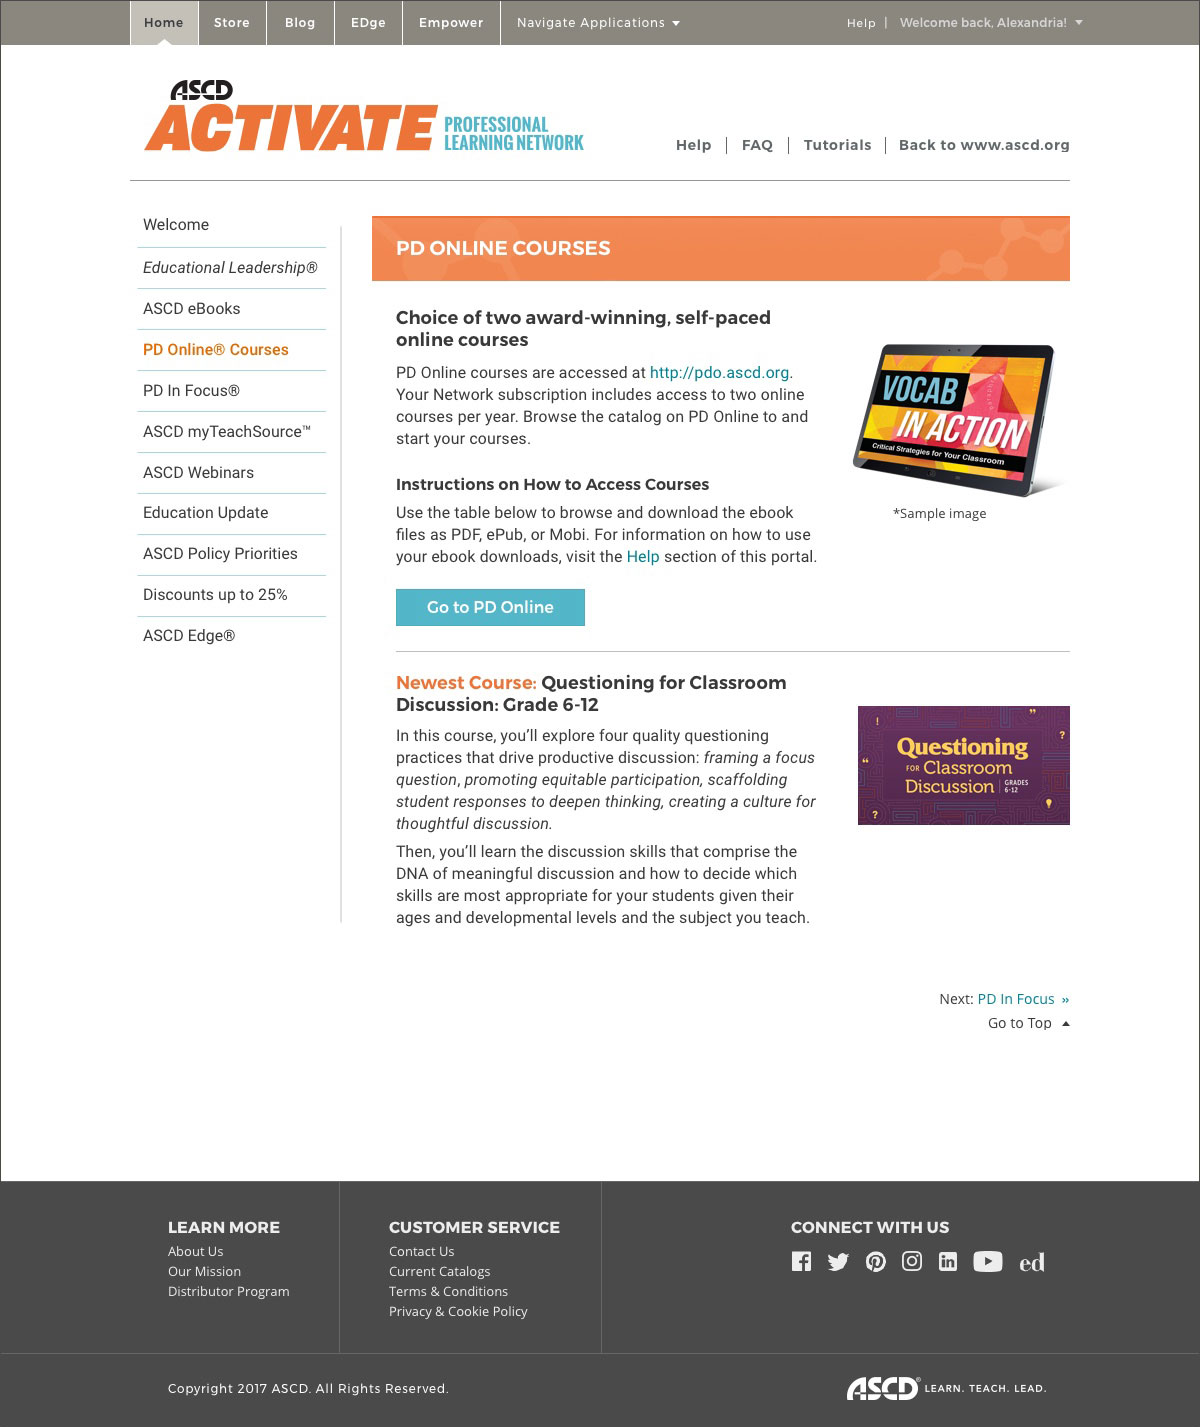 ascd-activate-pdo.jpg